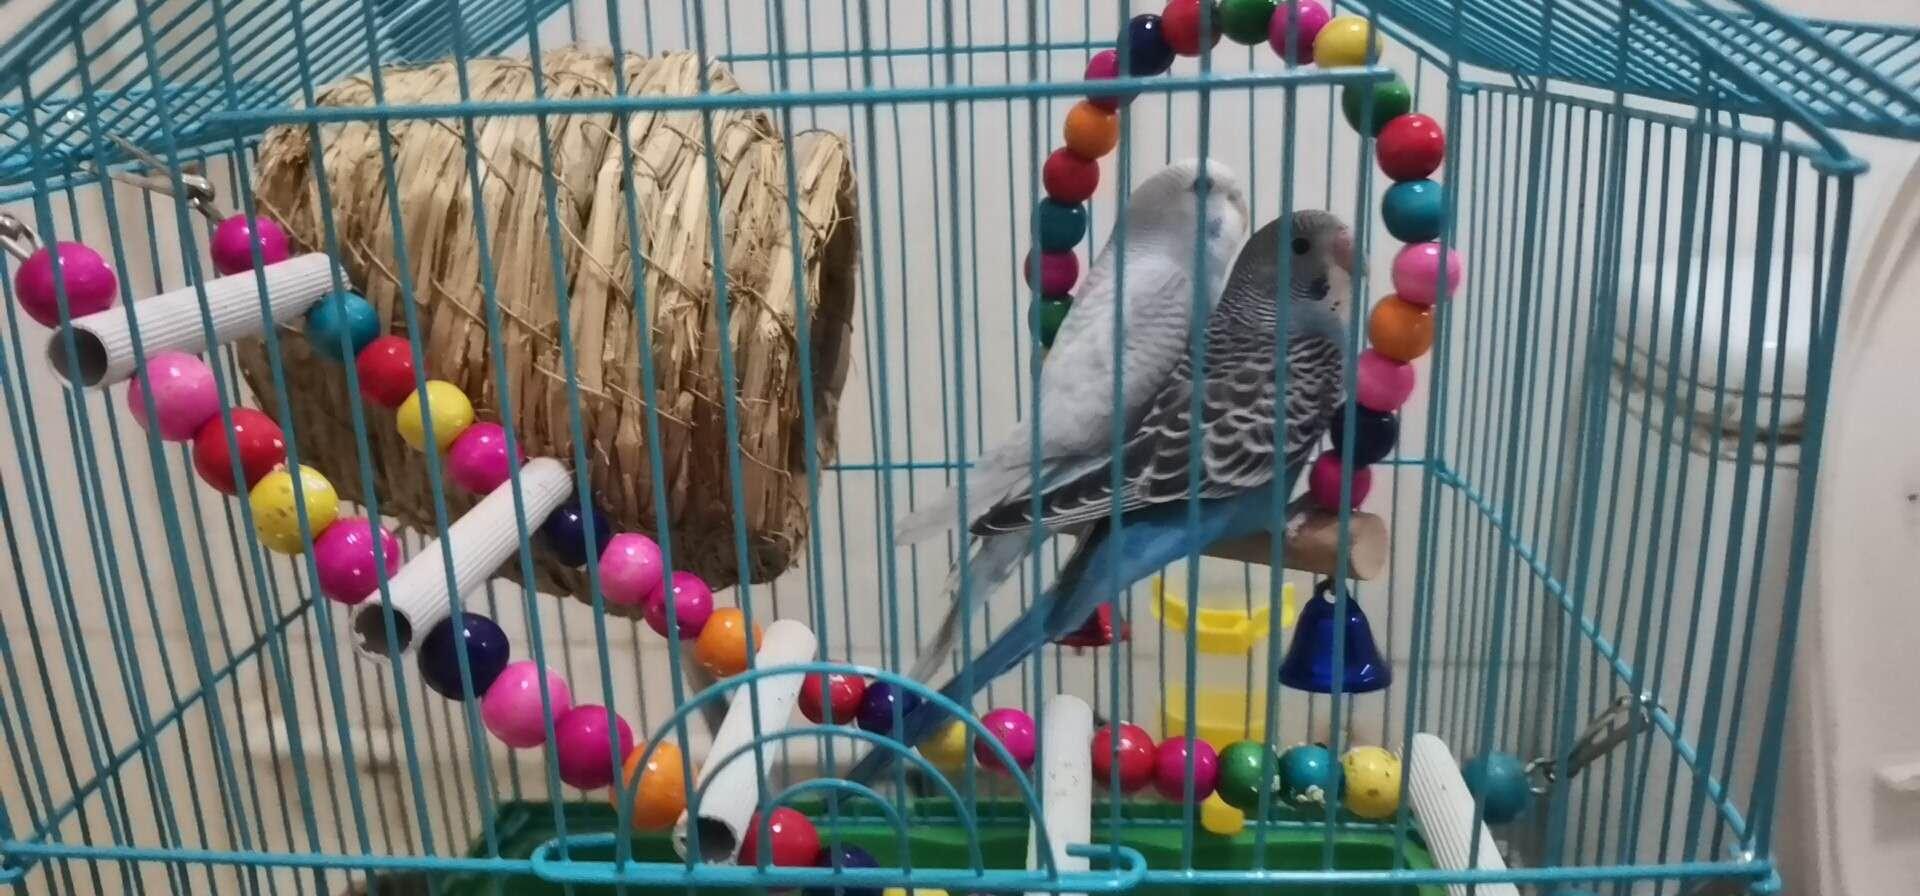 虎皮鸚鵡3個月大出售